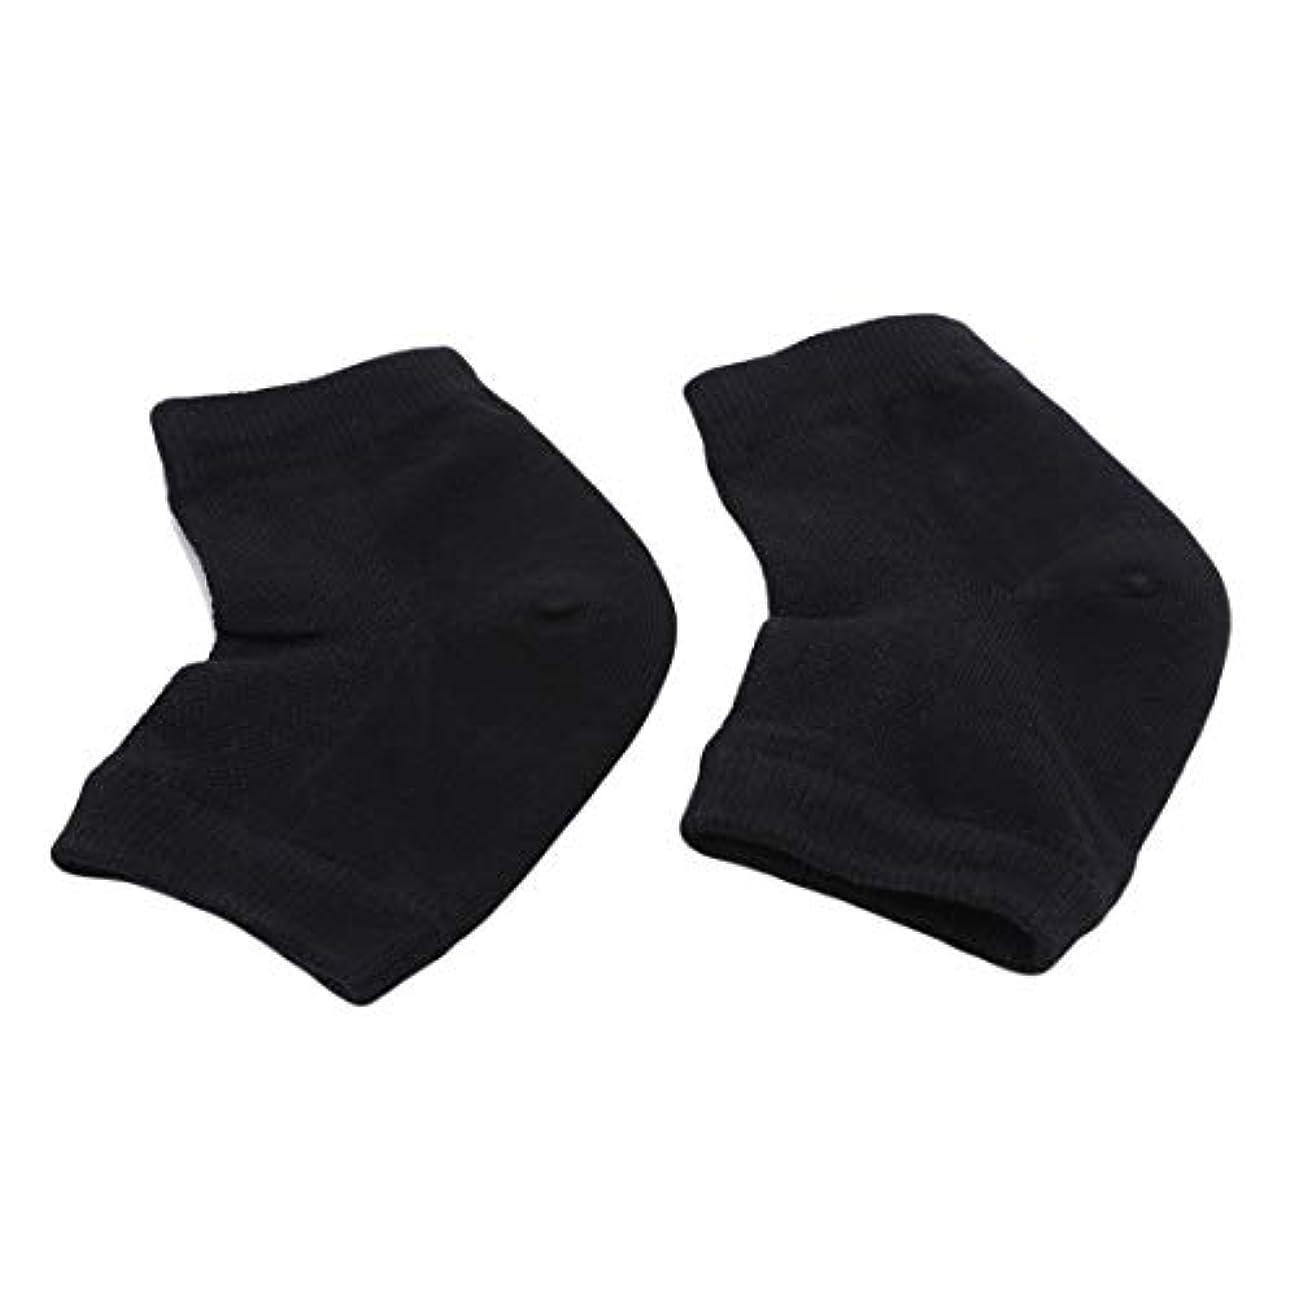 なす音楽計算するKLUMA かかと靴下 ソックス 角質ケア スベスベ ツルツル うるおい 保湿 フットケア レディース メンズ 男女兼用 フリーサイズ 黒色